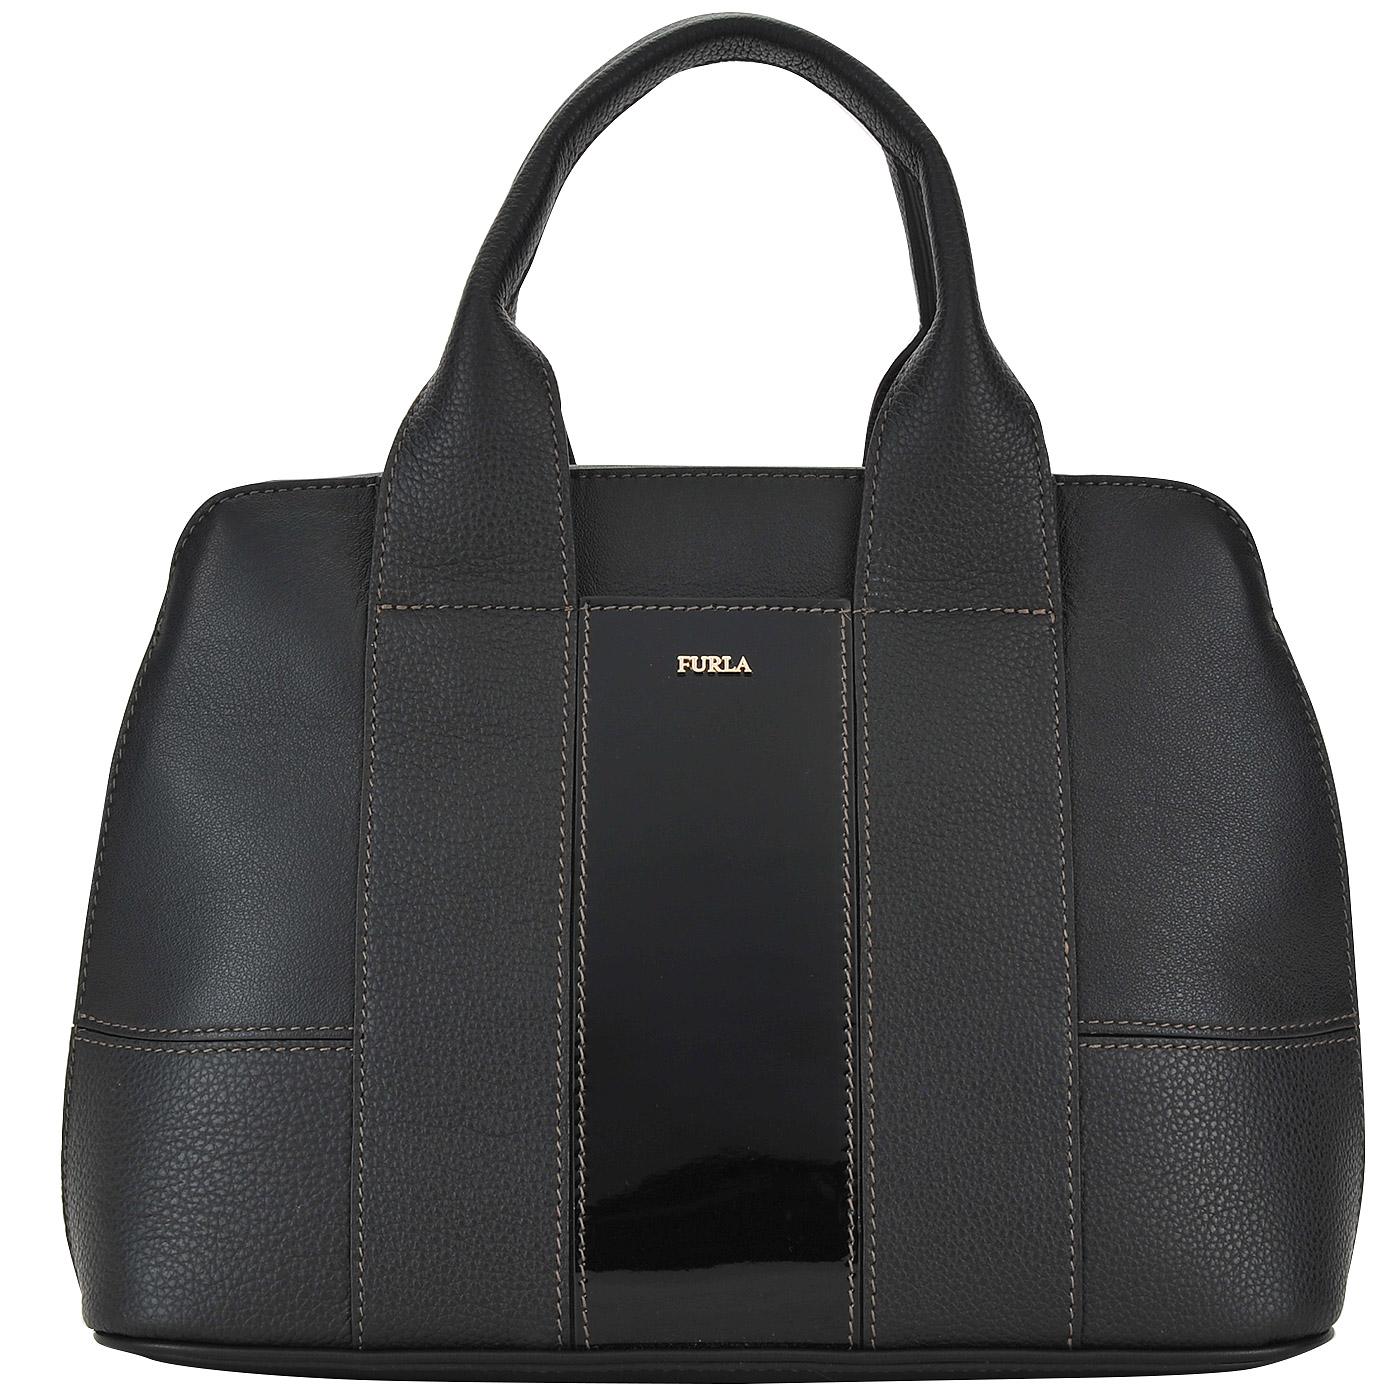 9b78b7027a10 Женская кожаная сумка с короткими ручками Furla Meme BLJ3_onyx ...